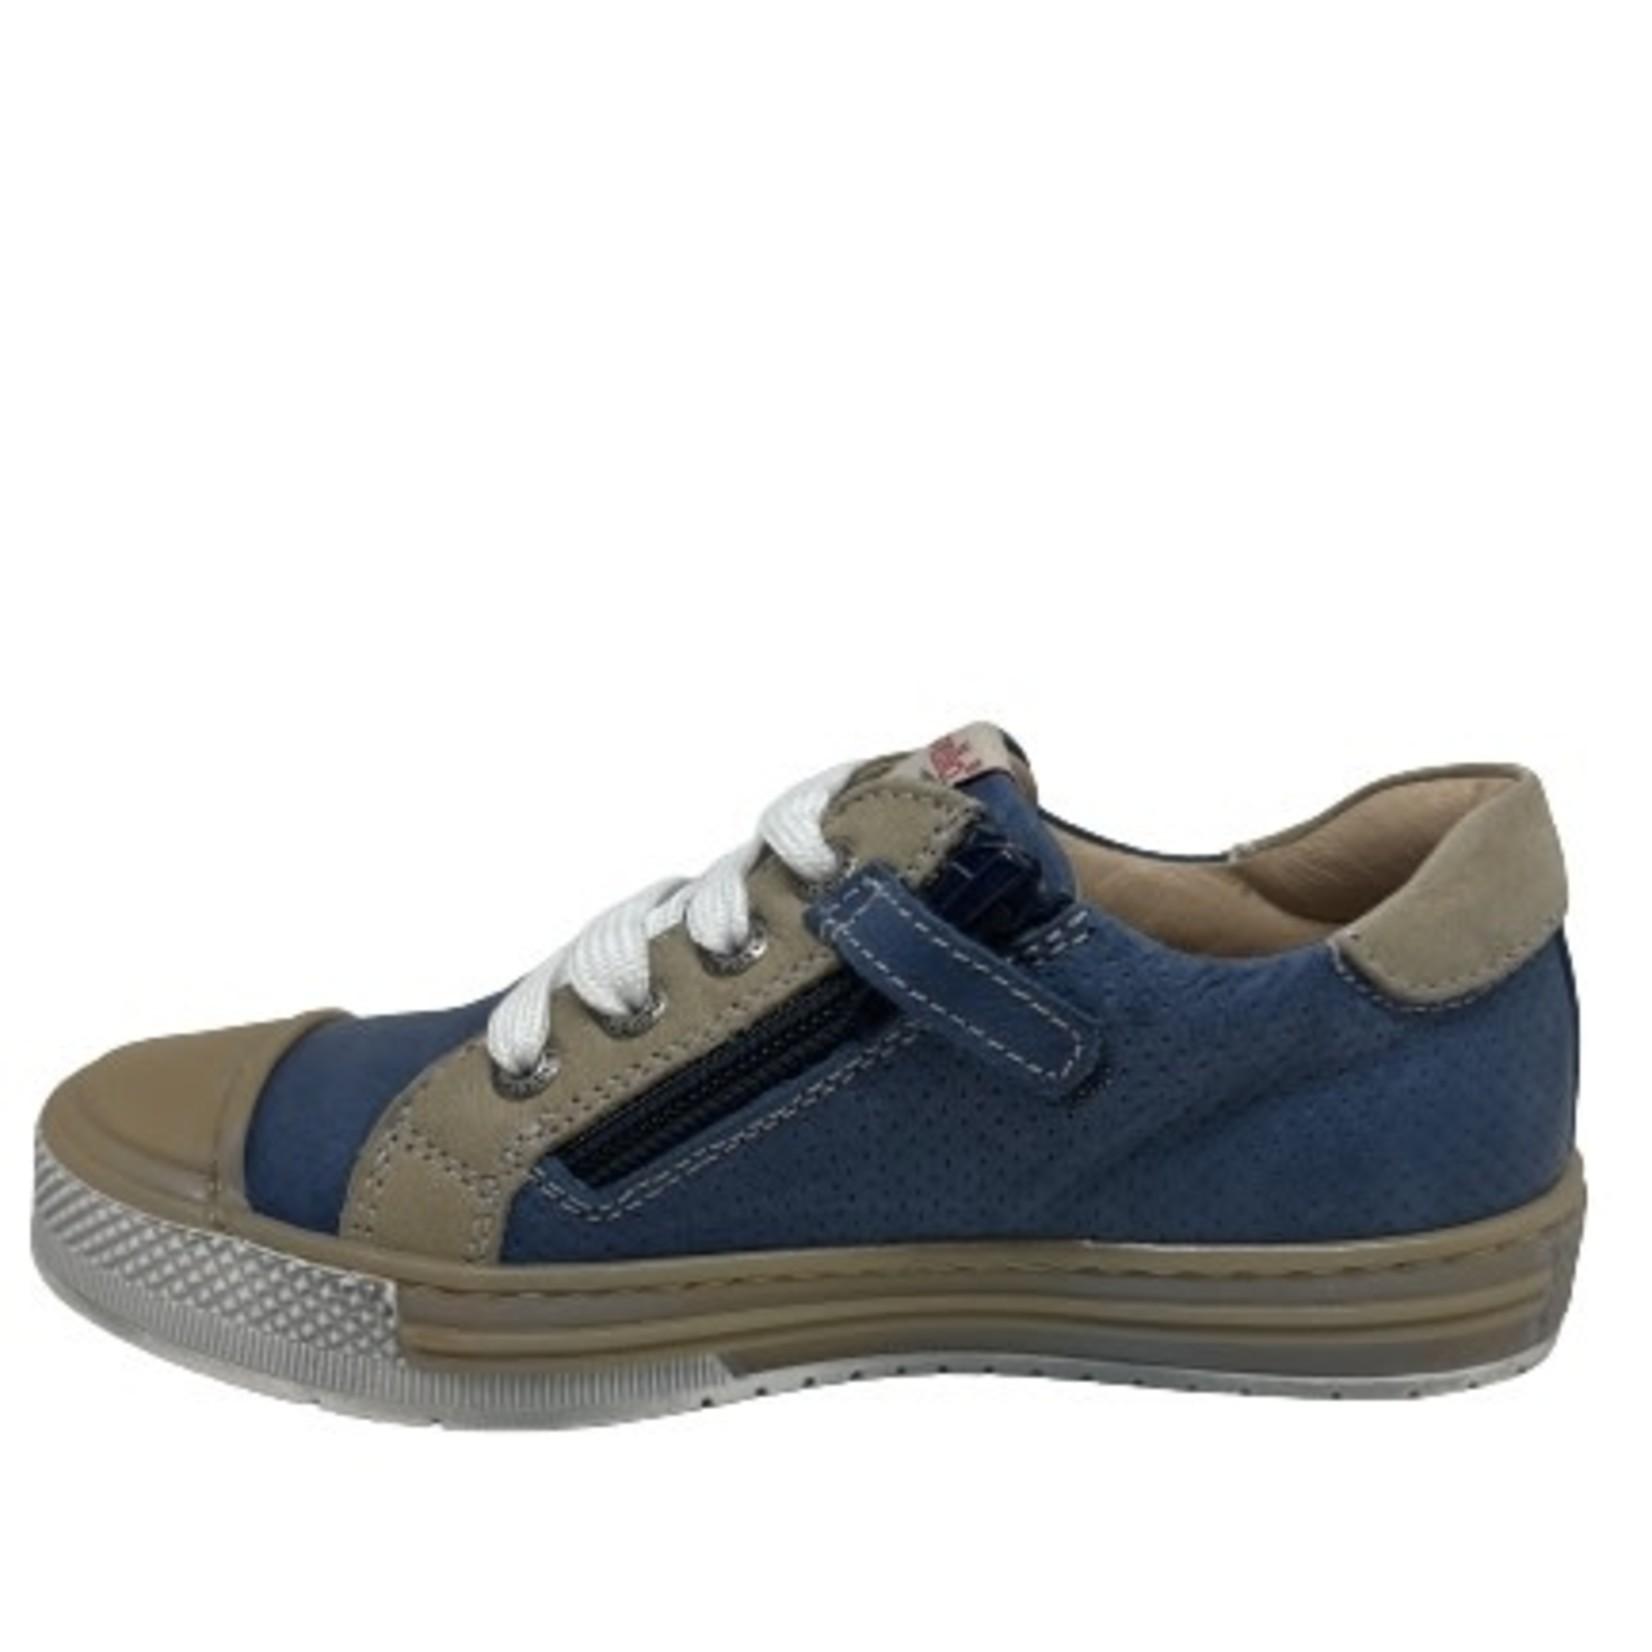 Lunella Lunella Jeans